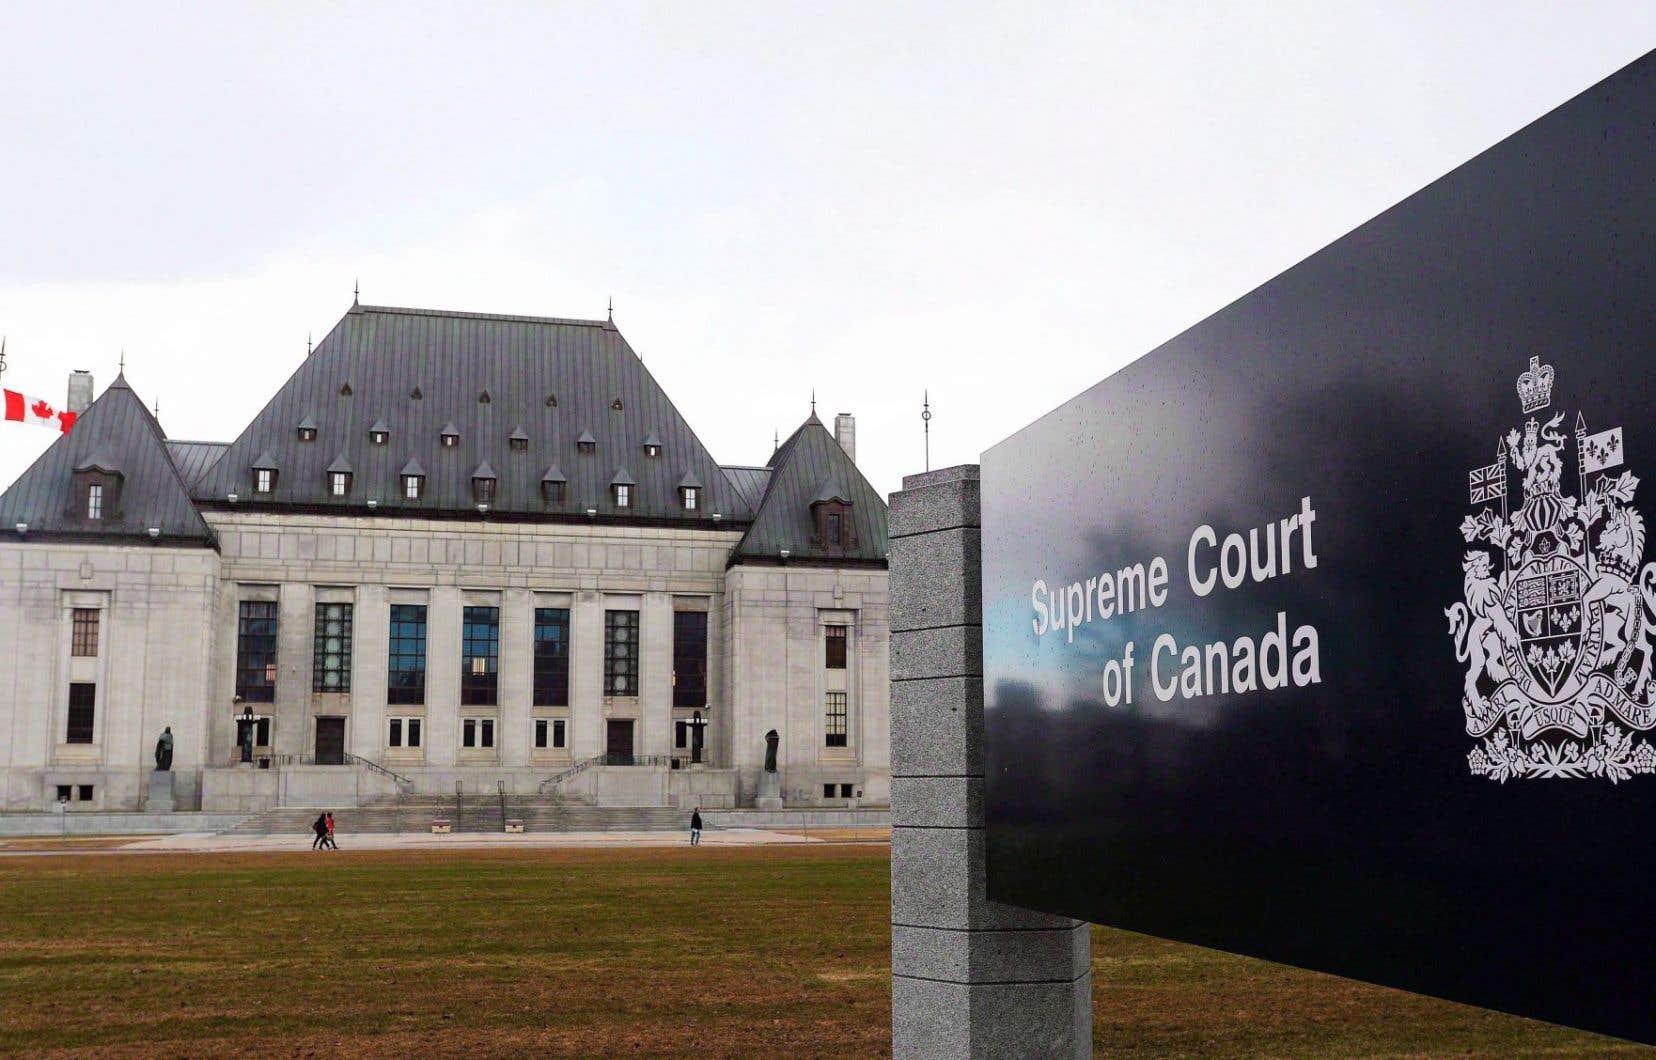 Le Canada a envoyé un signal fort en matière de commerce électronique et de protection de la vie privée, jugent les auteurs.